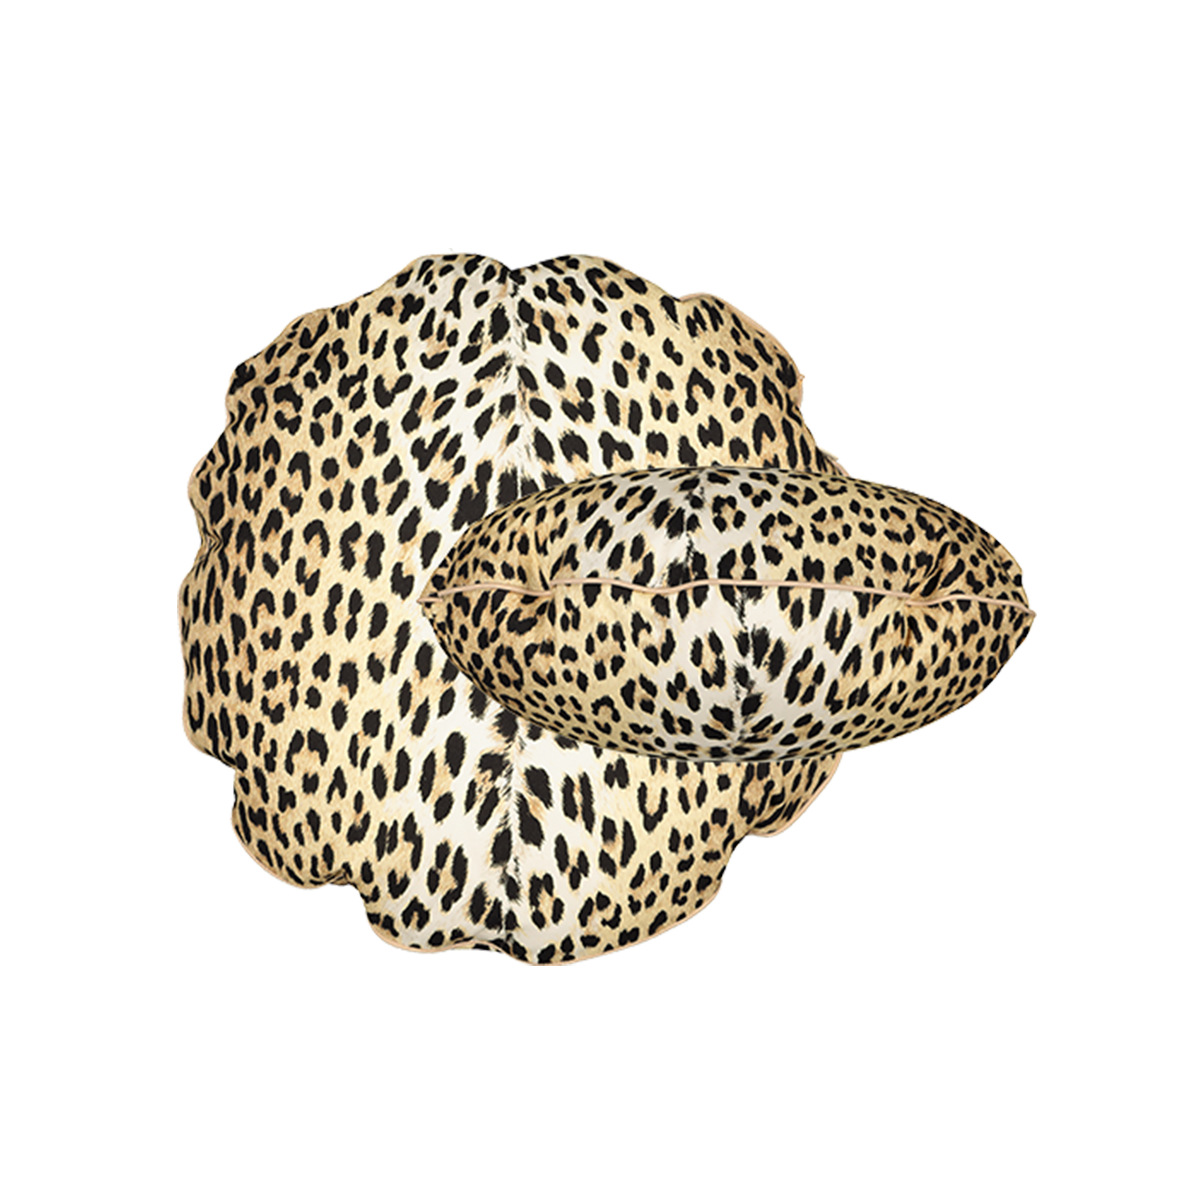 Bomboloni Cushion, Panther Print